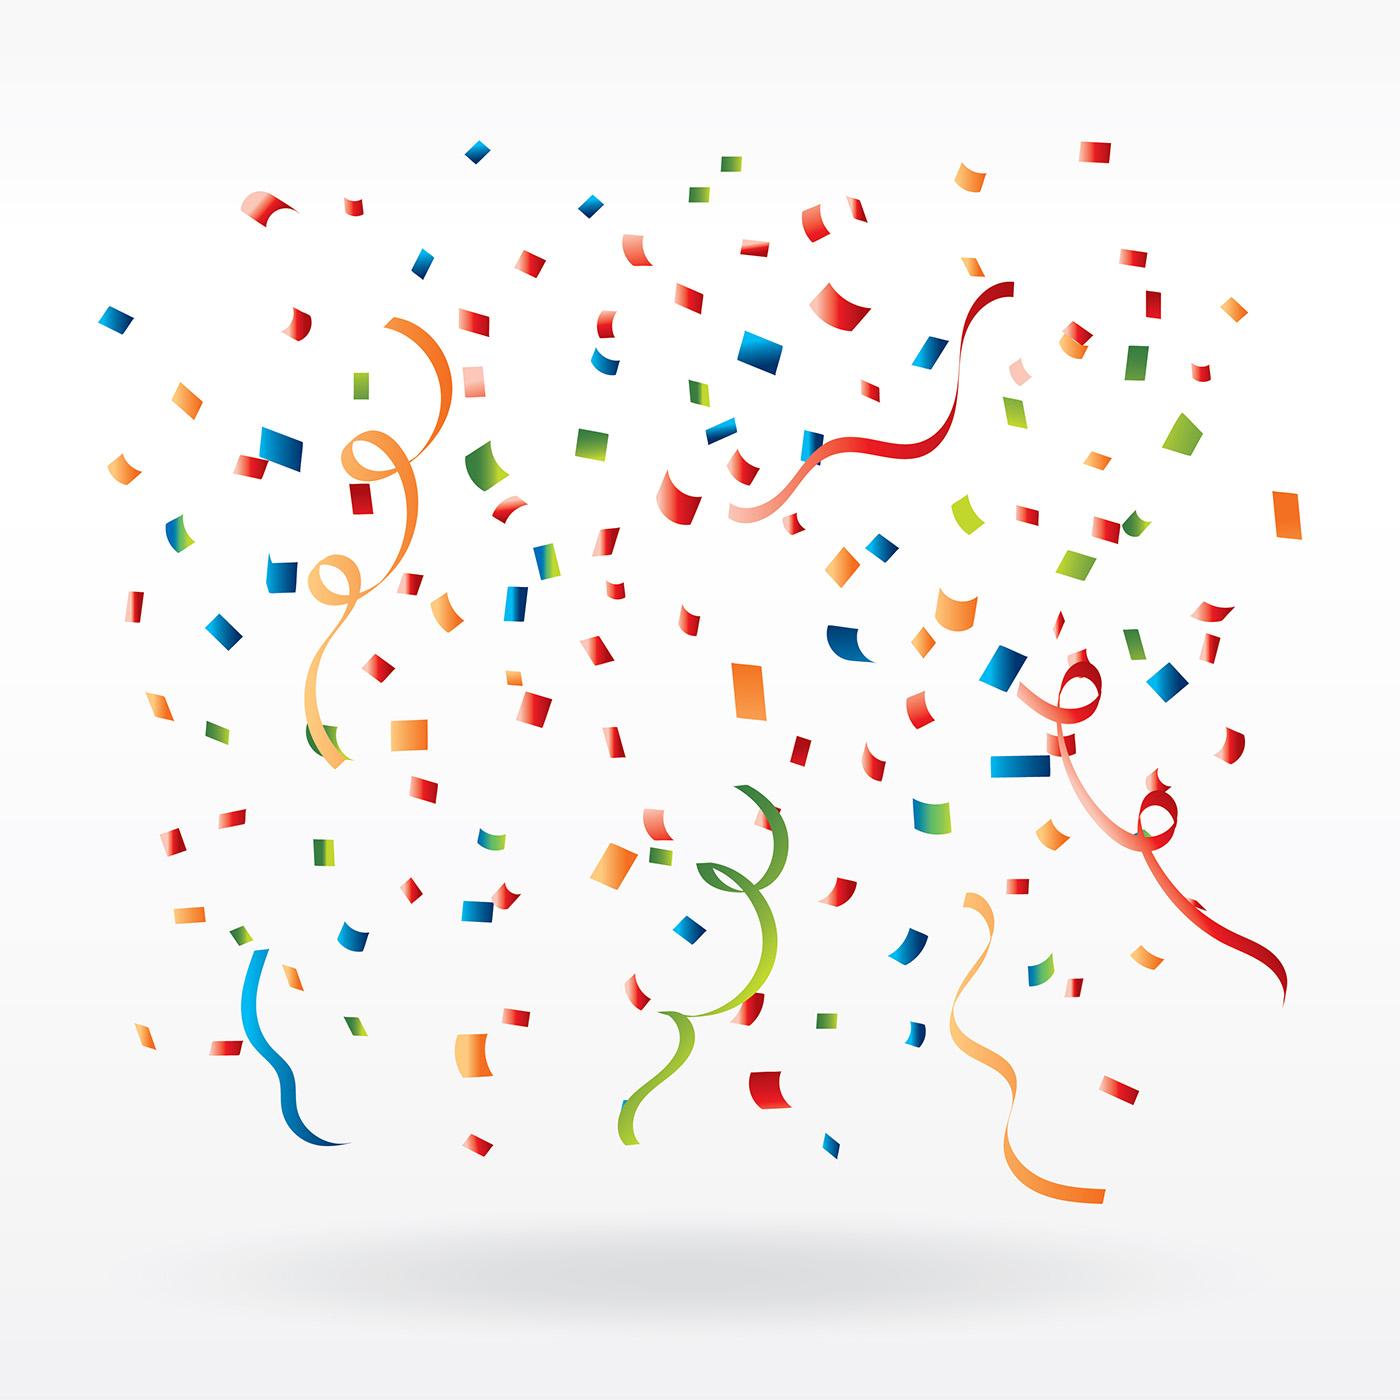 Confetti Free Vector Art.